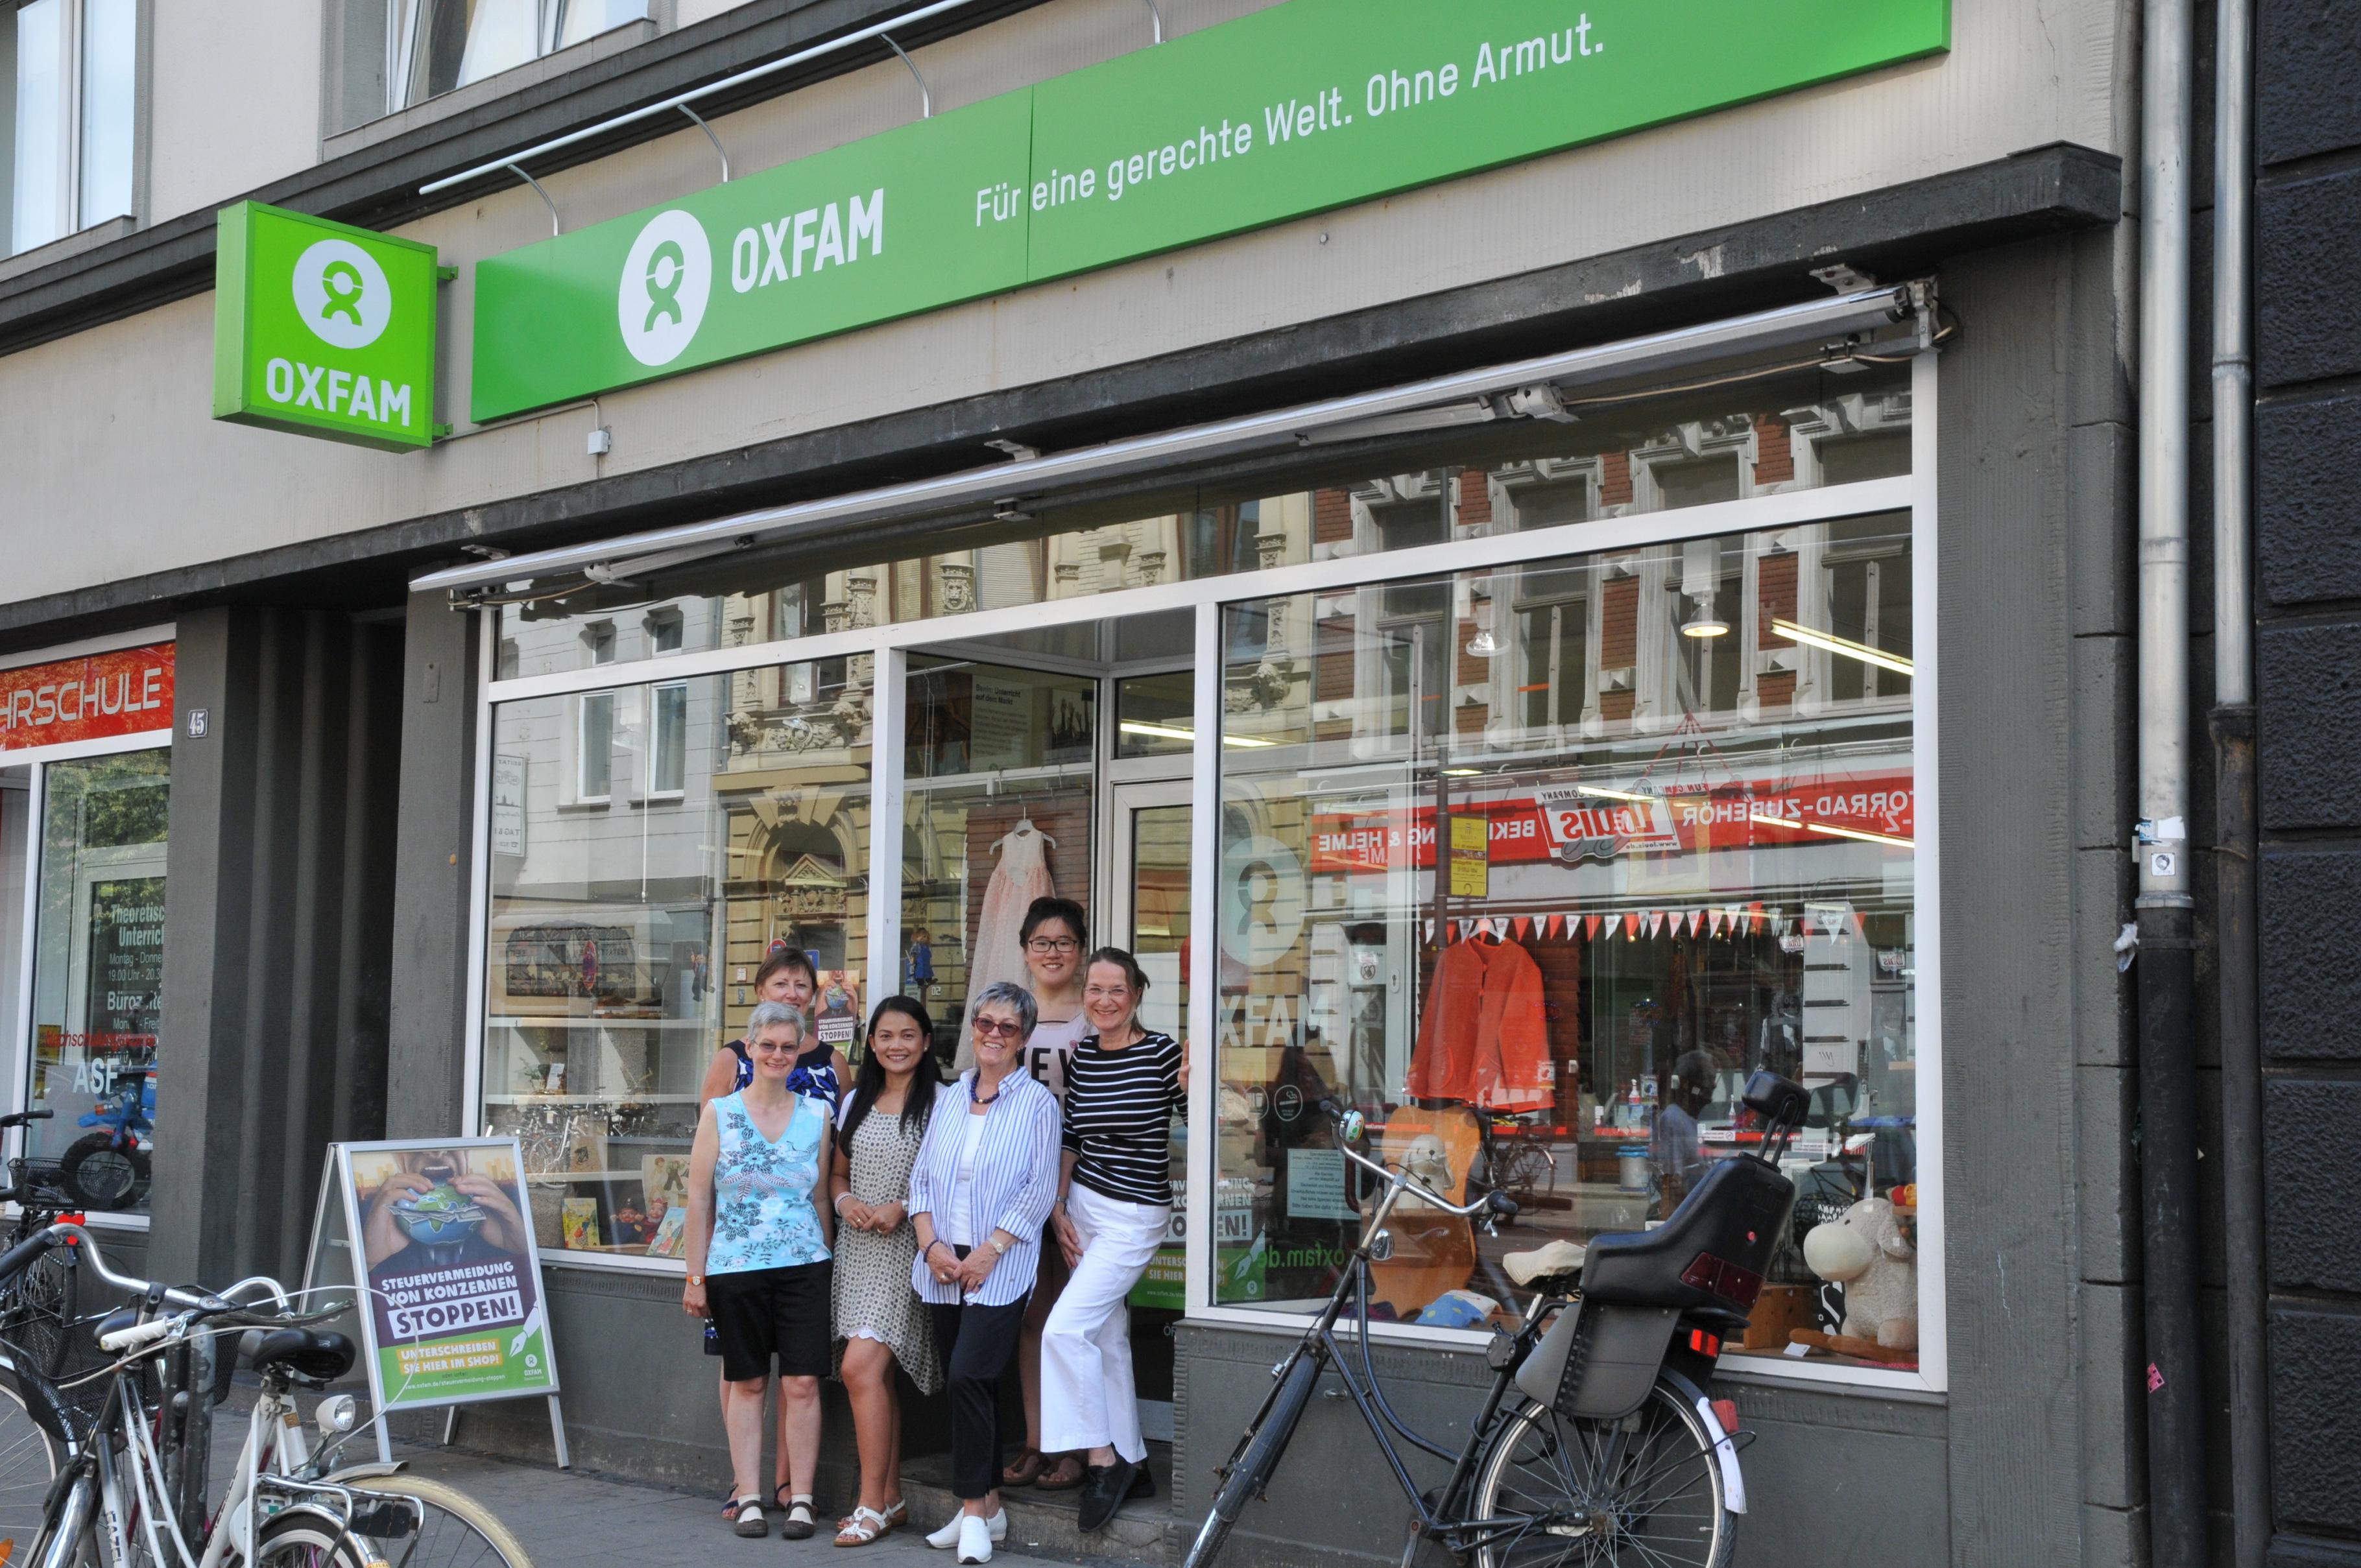 ehrenamtliche Mitarbeiter/innen aus dem Oxfam Shop Köln-Südstadt